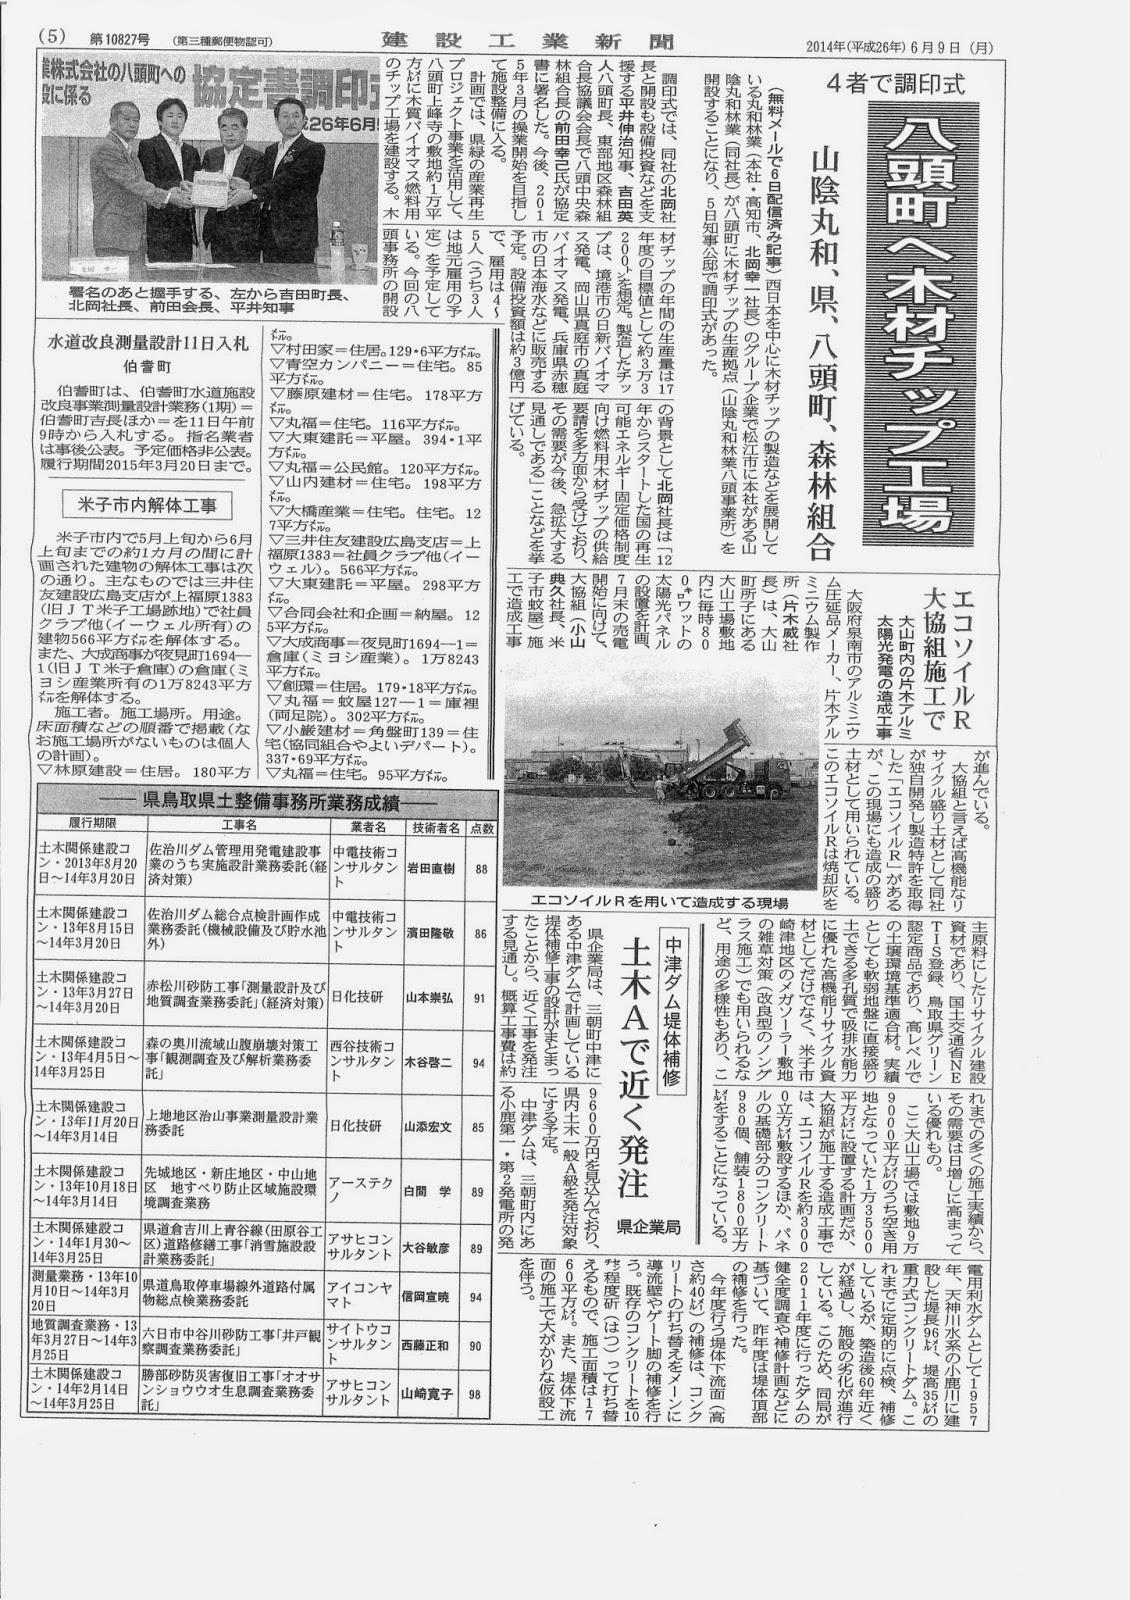 建設工業新聞にエコソイルR造成工事が掲載されました